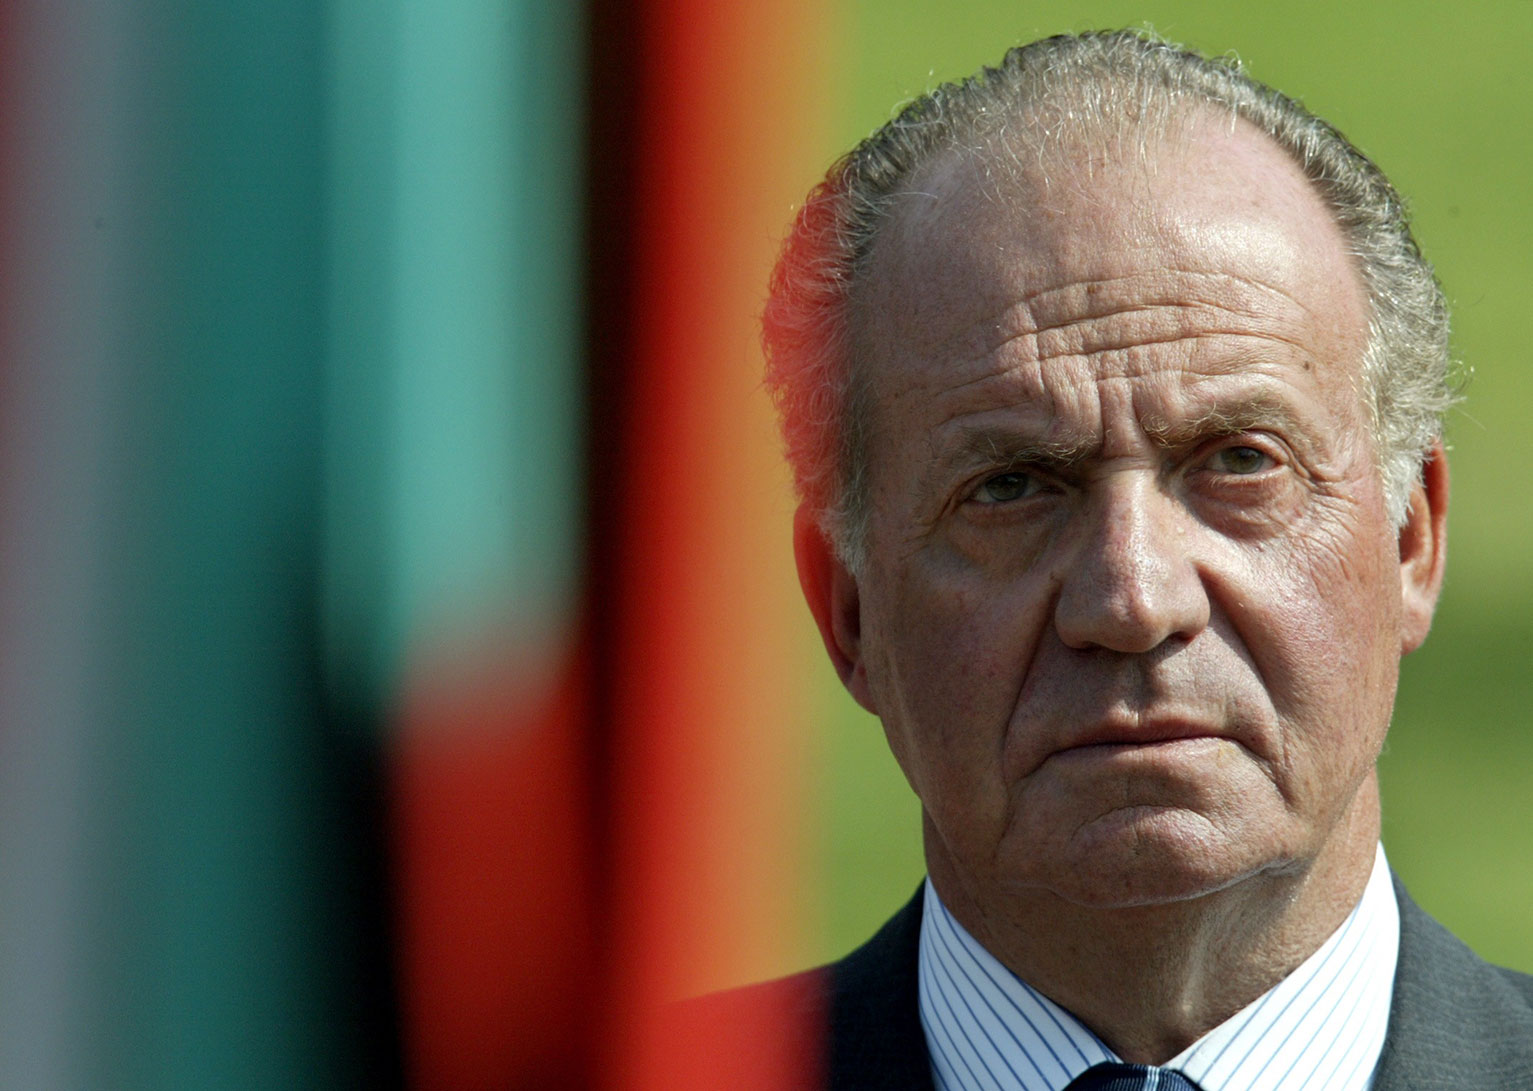 El rey español Juan Carlos agradeció hoy a su pueblo todo el apoyo que recibió en sus casi cuatro décadas como monarca y reiteró que España ahora es una gran nación.